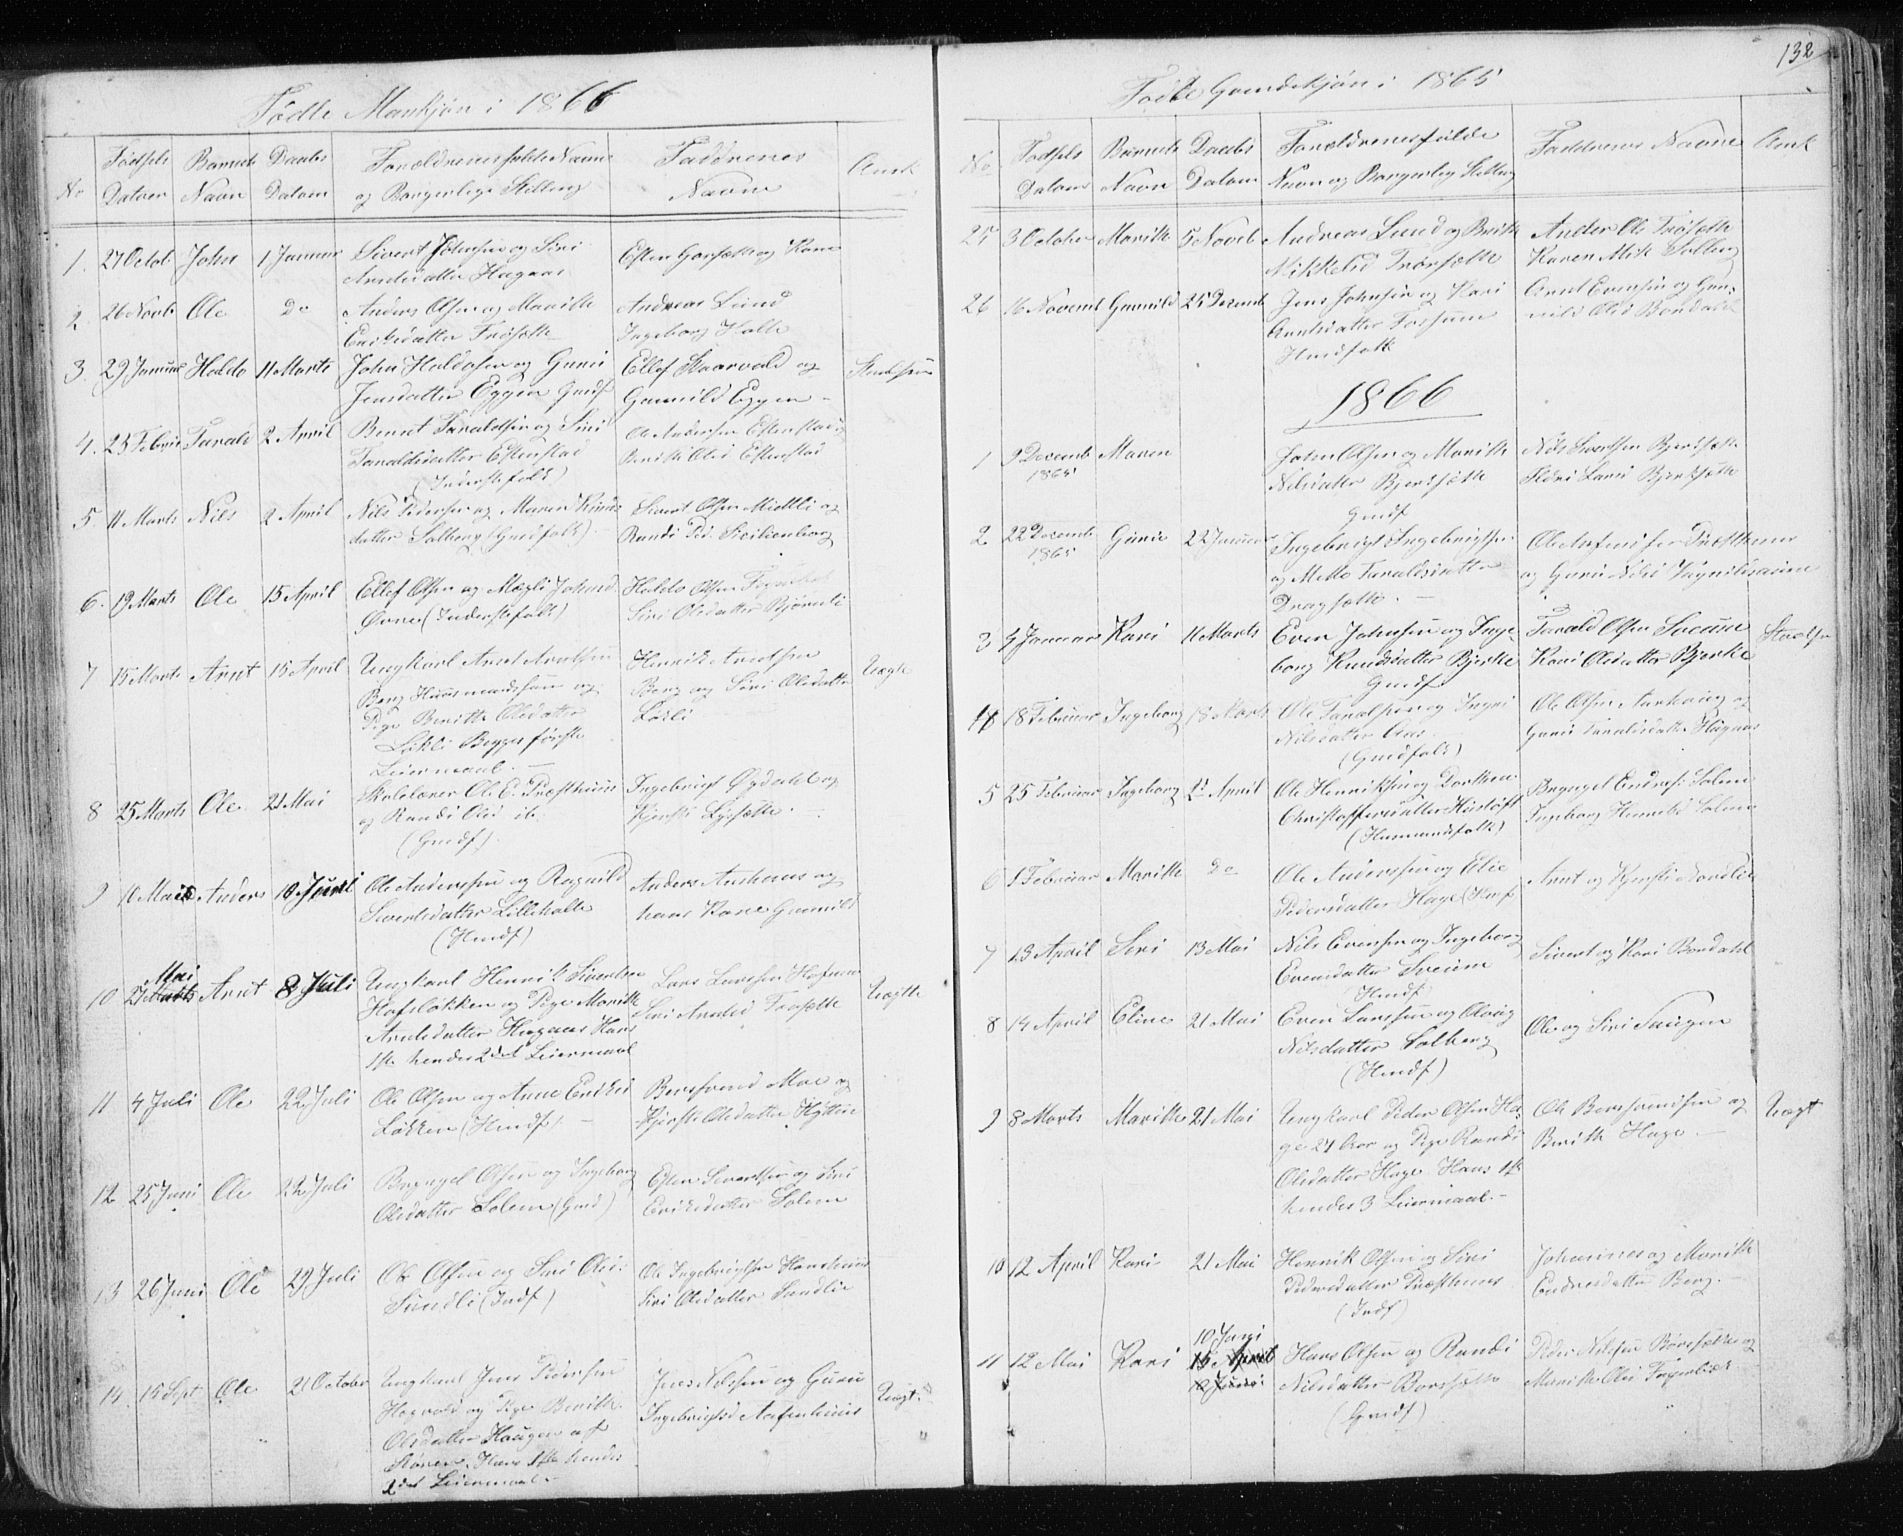 SAT, Ministerialprotokoller, klokkerbøker og fødselsregistre - Sør-Trøndelag, 689/L1043: Klokkerbok nr. 689C02, 1816-1892, s. 132